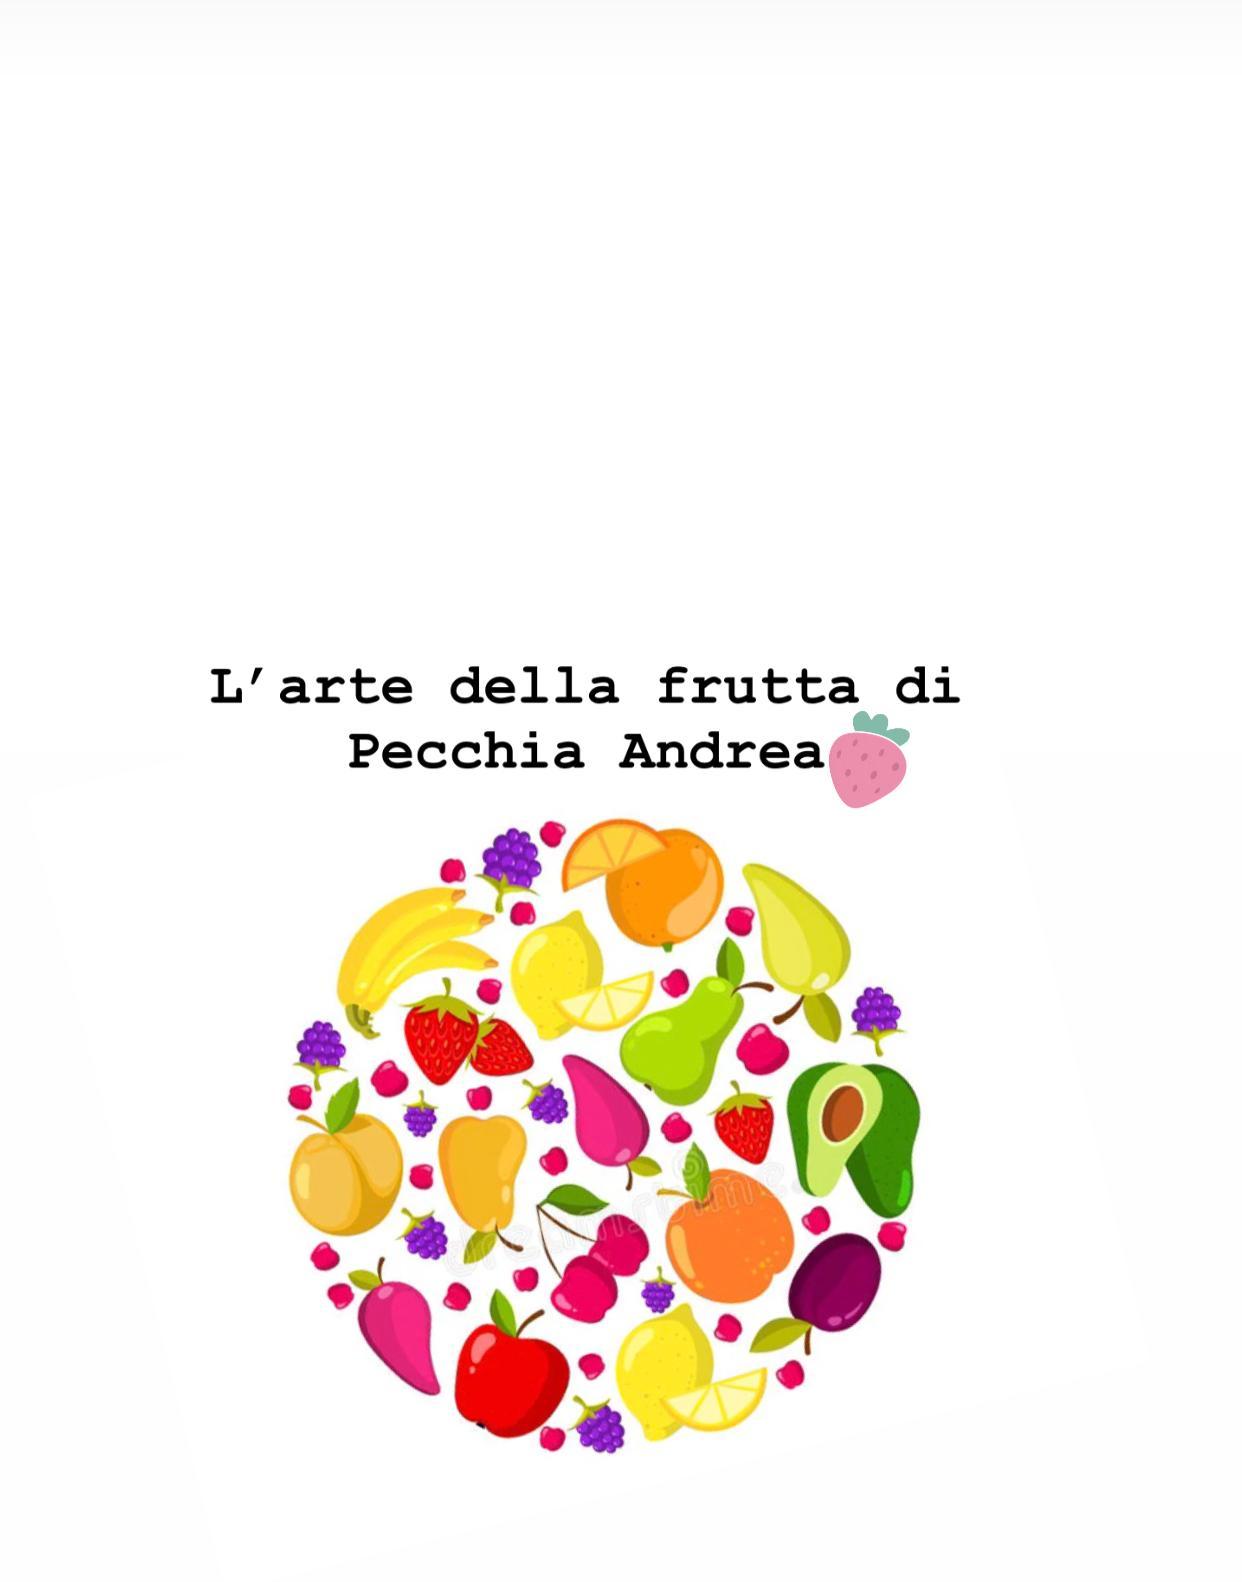 L'arte della frutta di Pecchia Andrea